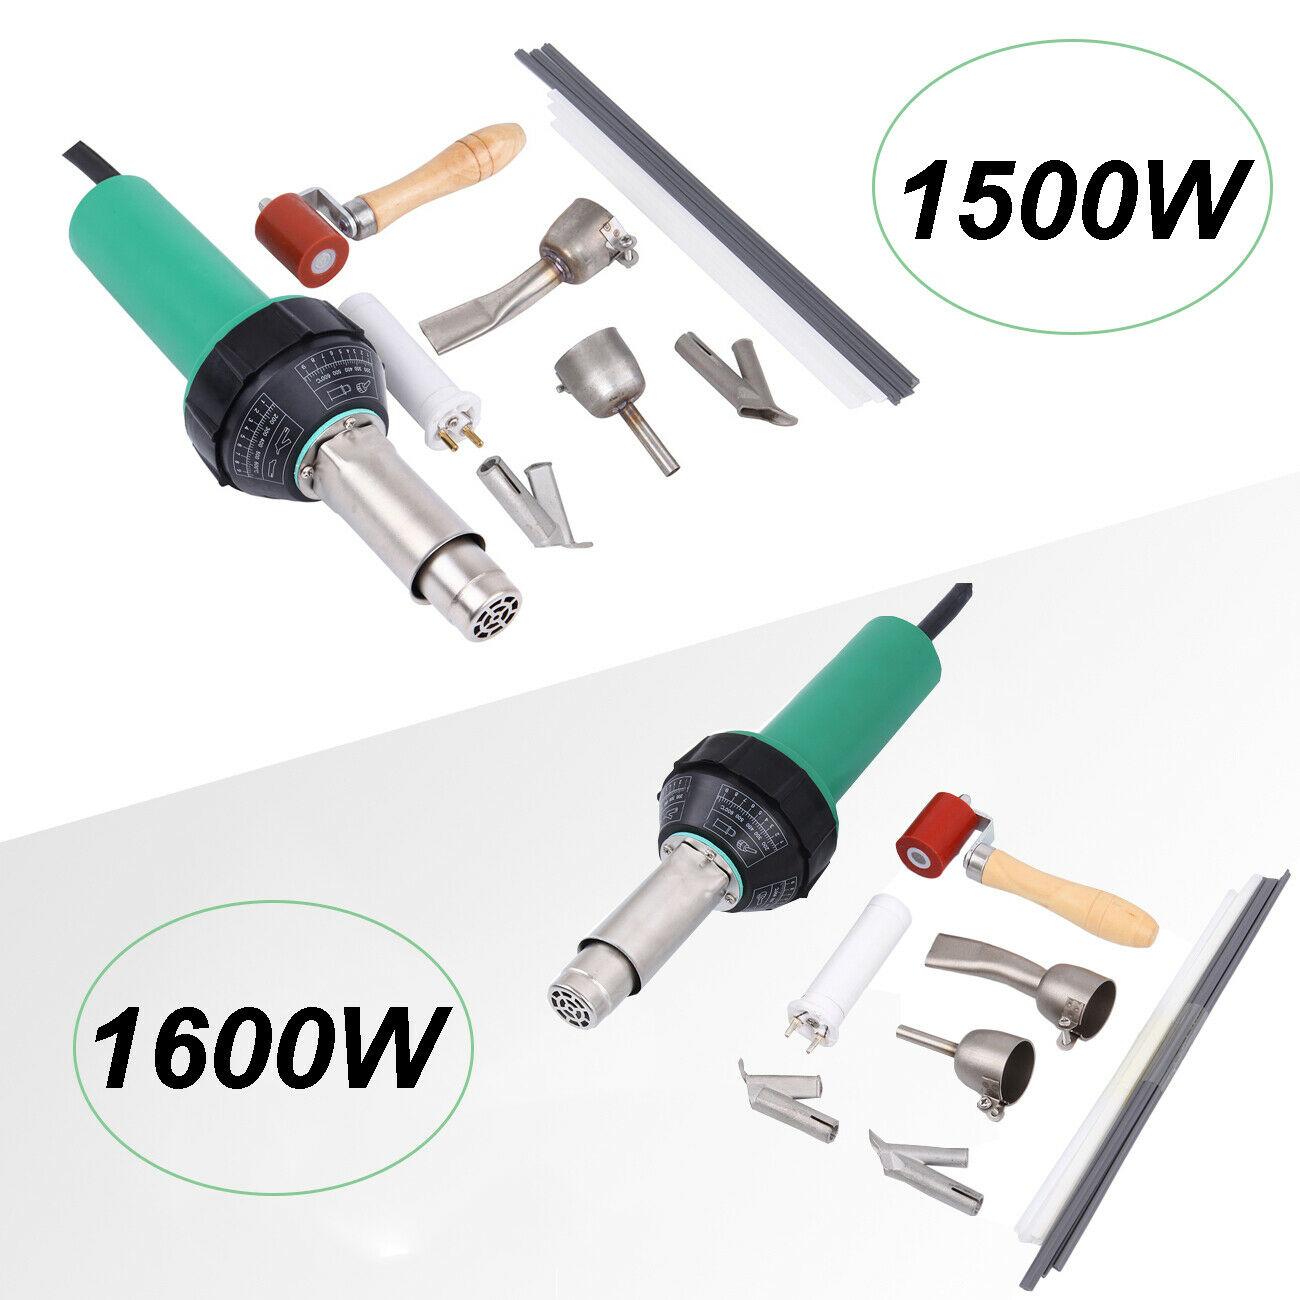 Honhill-مسدس الهواء الساخن لحام بلاستيك ، مجموعة مسدس مع فوهة لحام وقضيب بلاستيك PVC ، تيار متردد 220 فولت 1500 واط/1600 واط